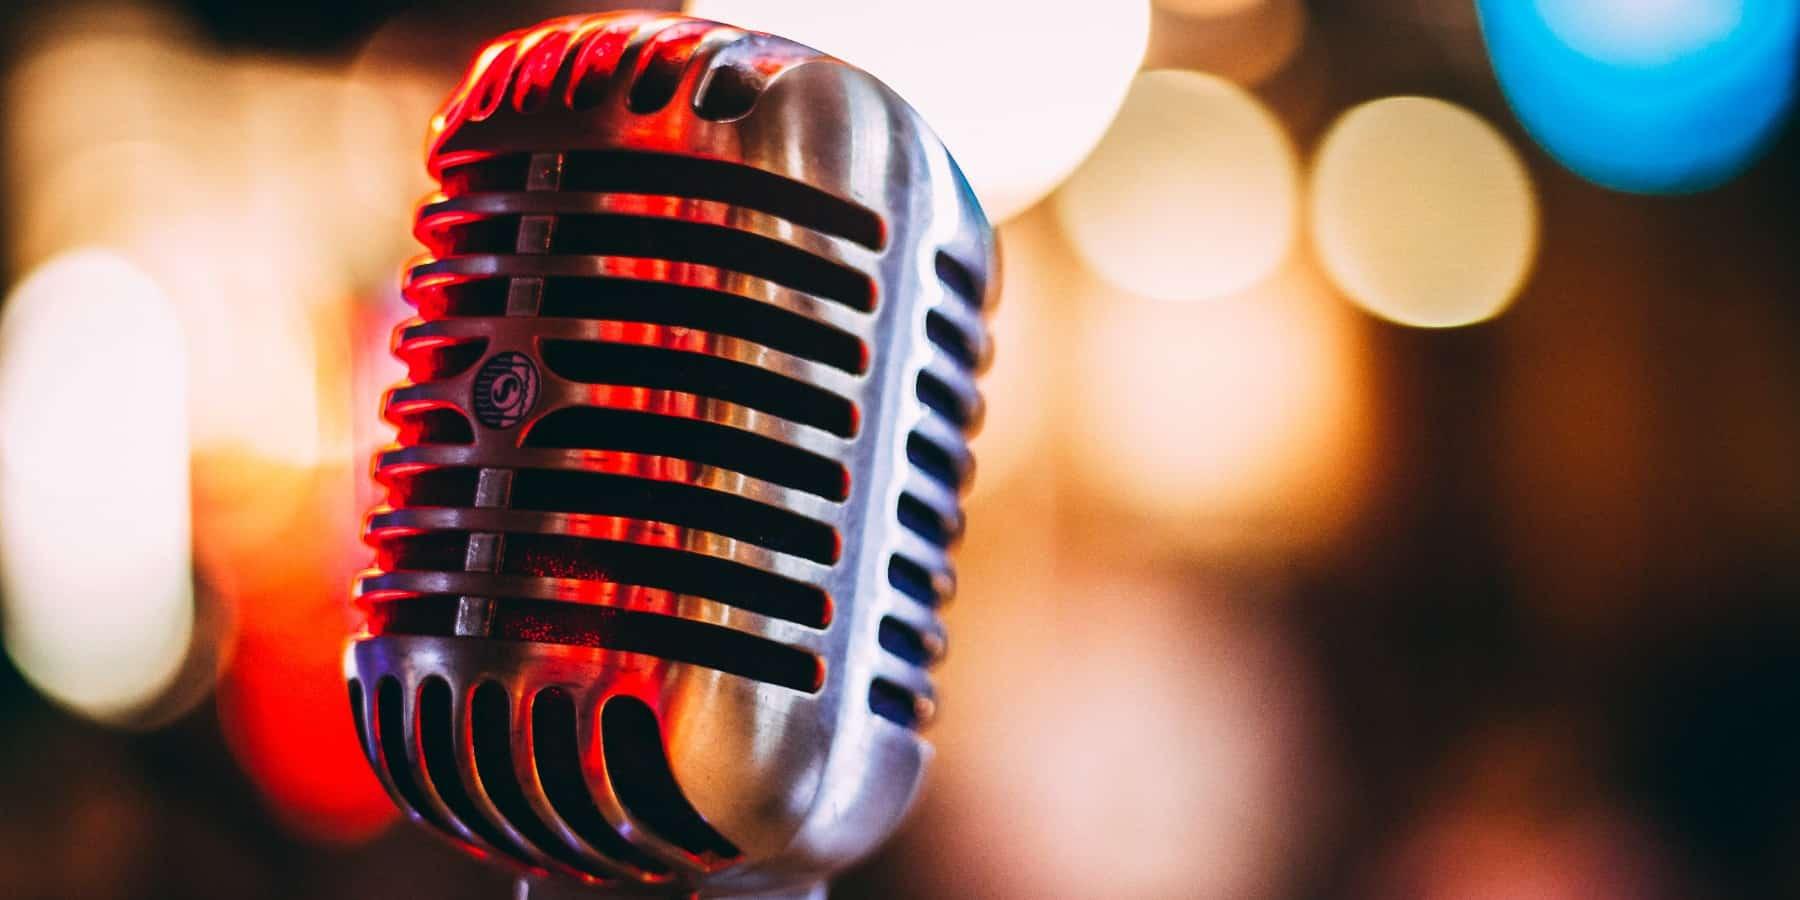 Warum wir alle ein Umfeld brauchen, das Karaoke-Confidence ermöglicht: